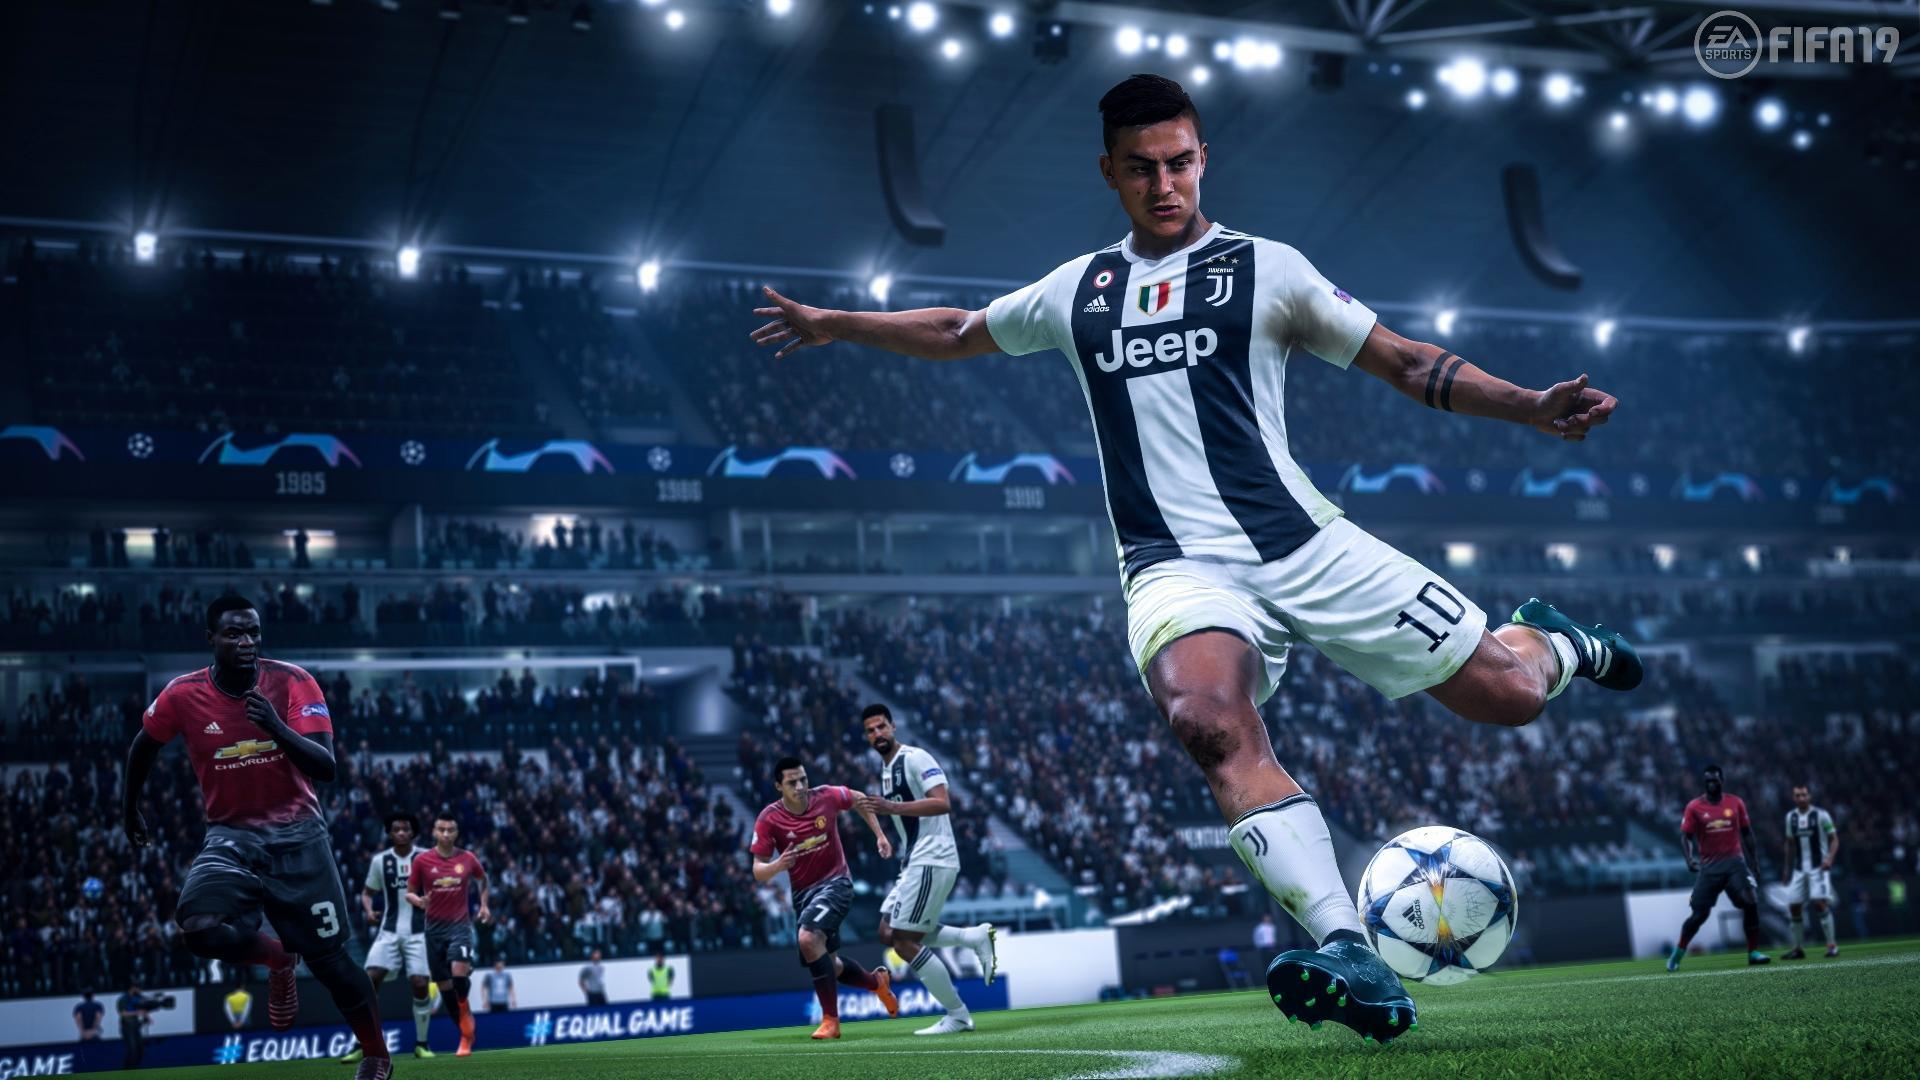 """""""FIFA 19"""" terá modo semelhante a """"PUBG"""" e """"Fortnite"""""""